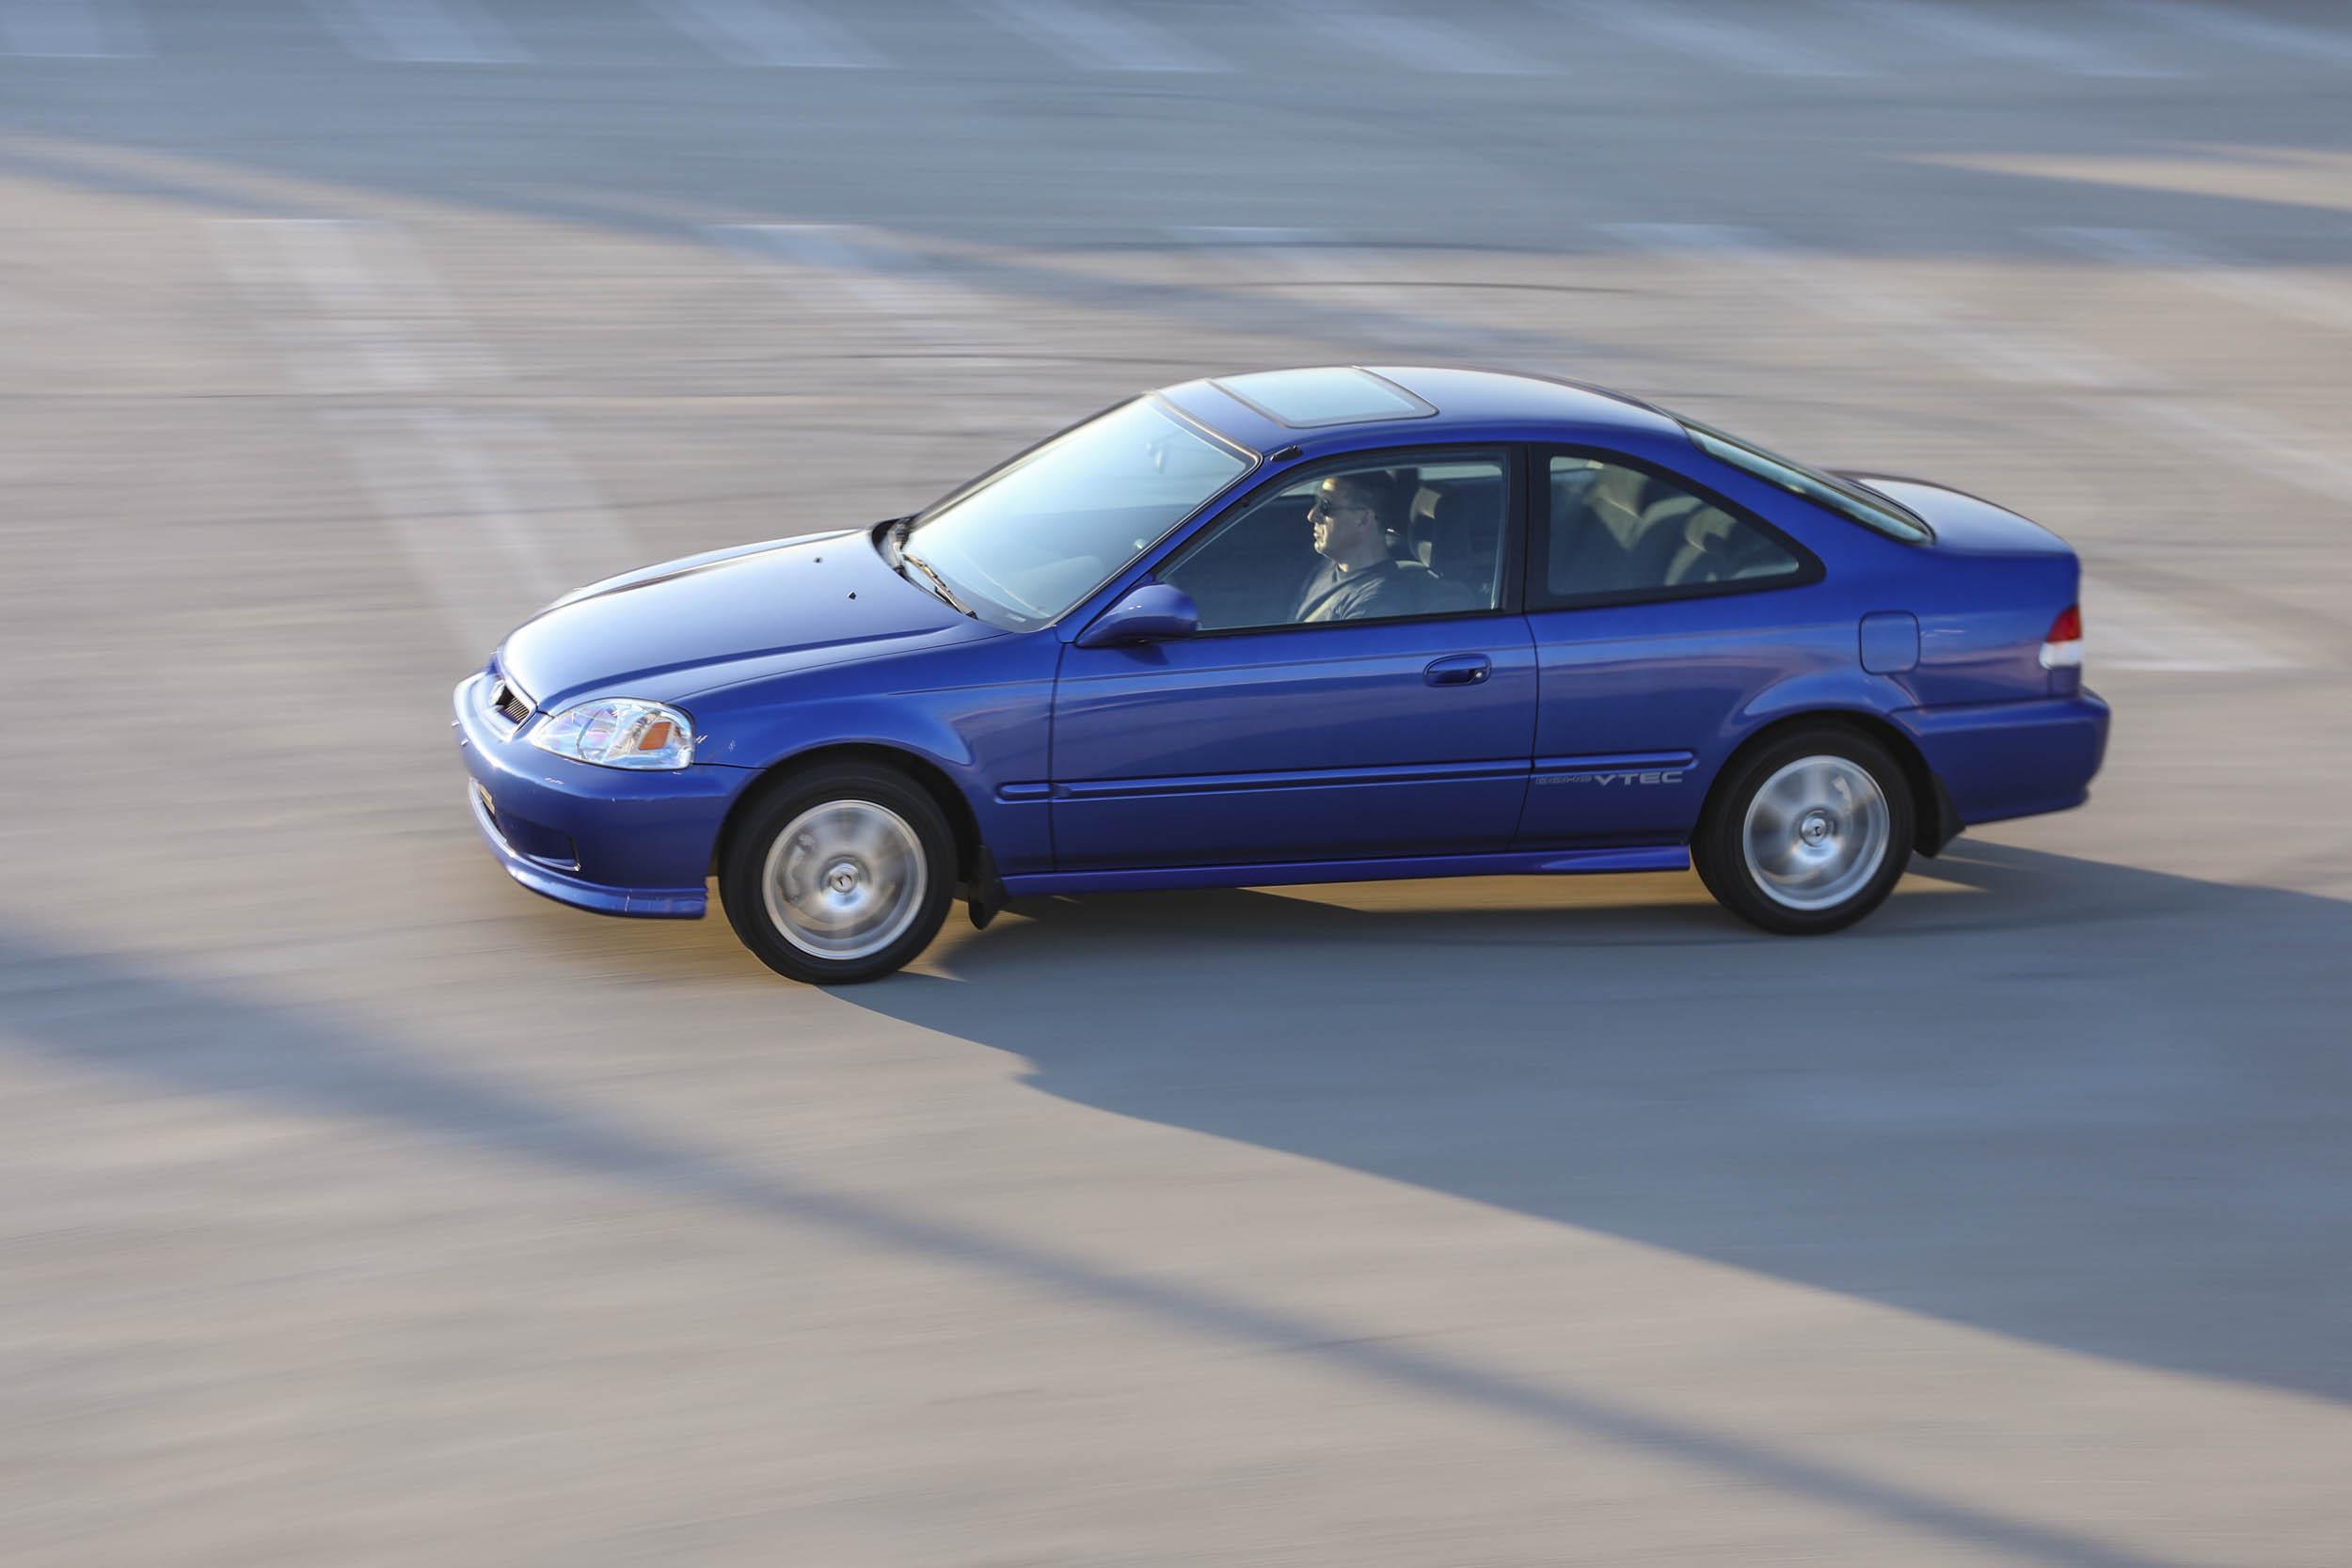 1999 Honda Civic Si driving